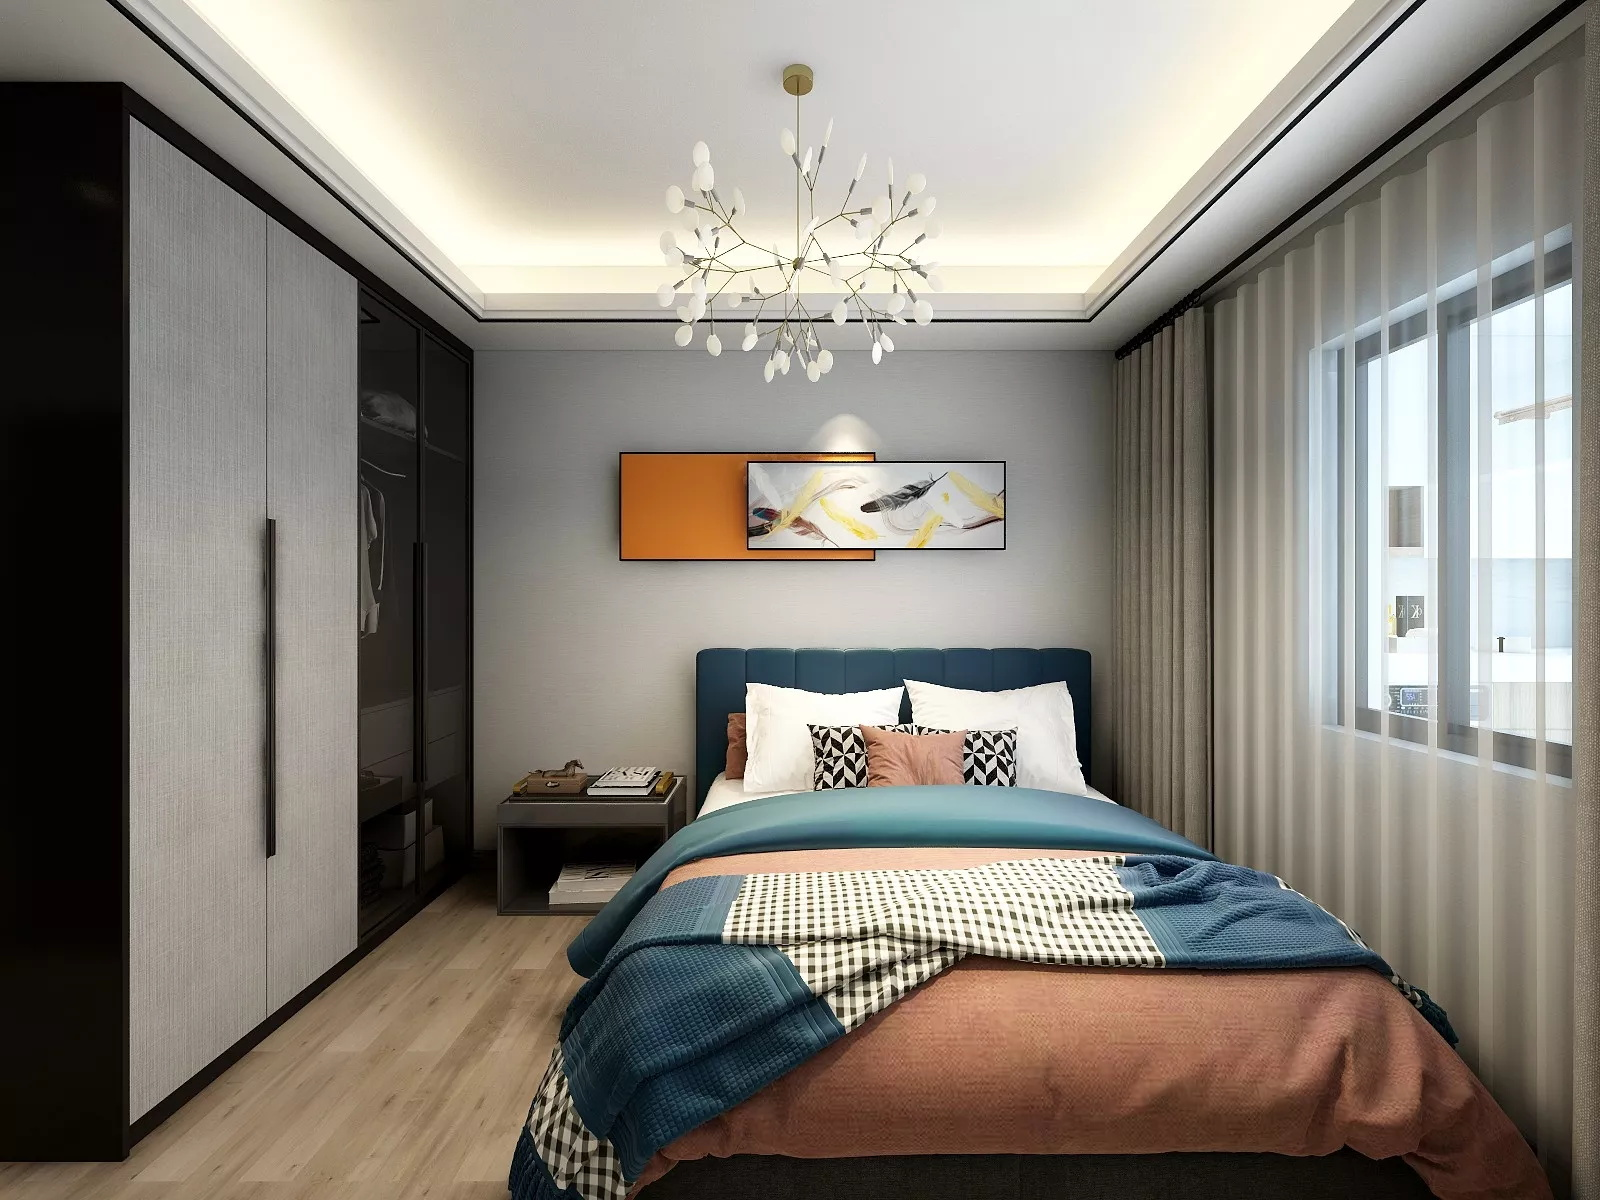 客廳沒窗戶怎么裝修,客廳裝修可以使用玻璃來隔嗎?